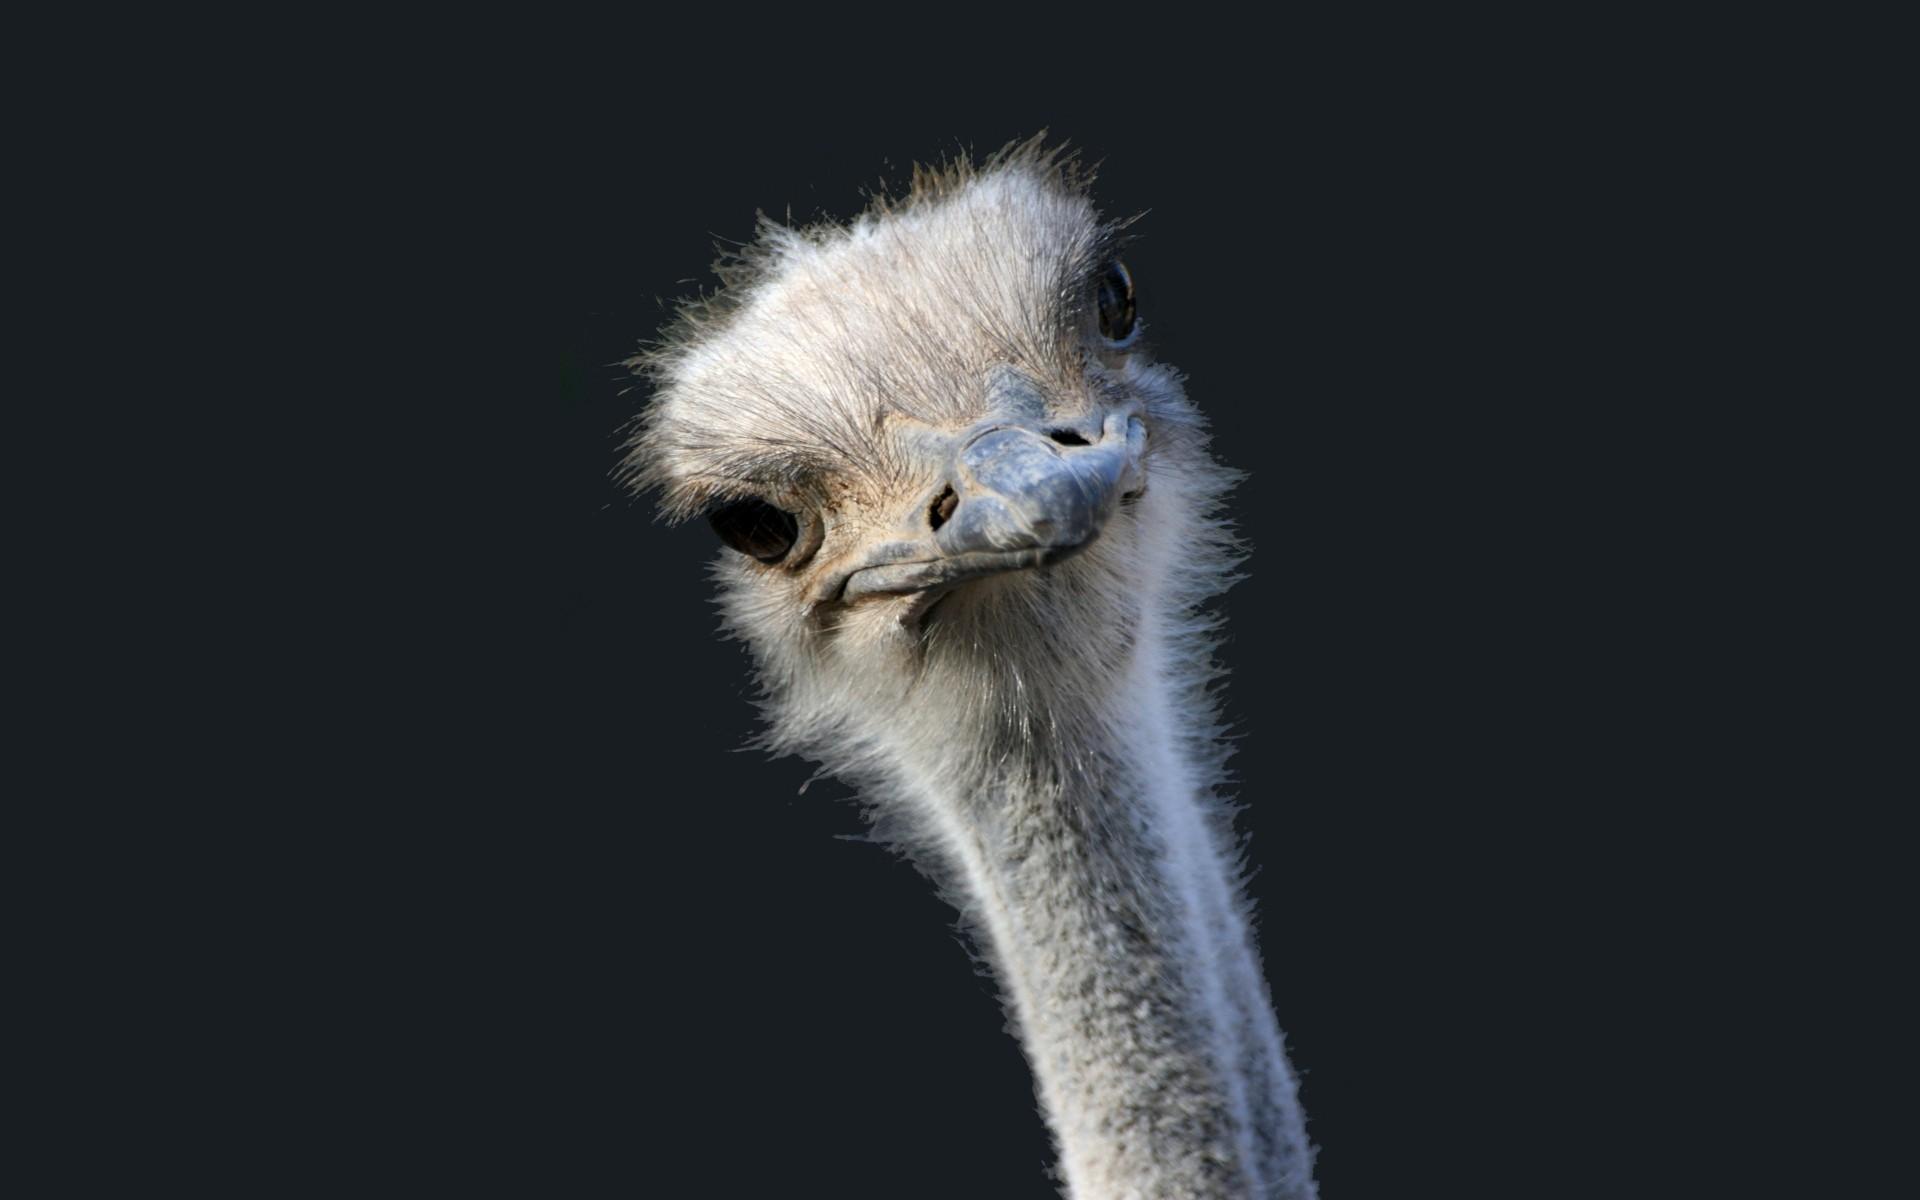 birds desert ostrich hd - photo #29